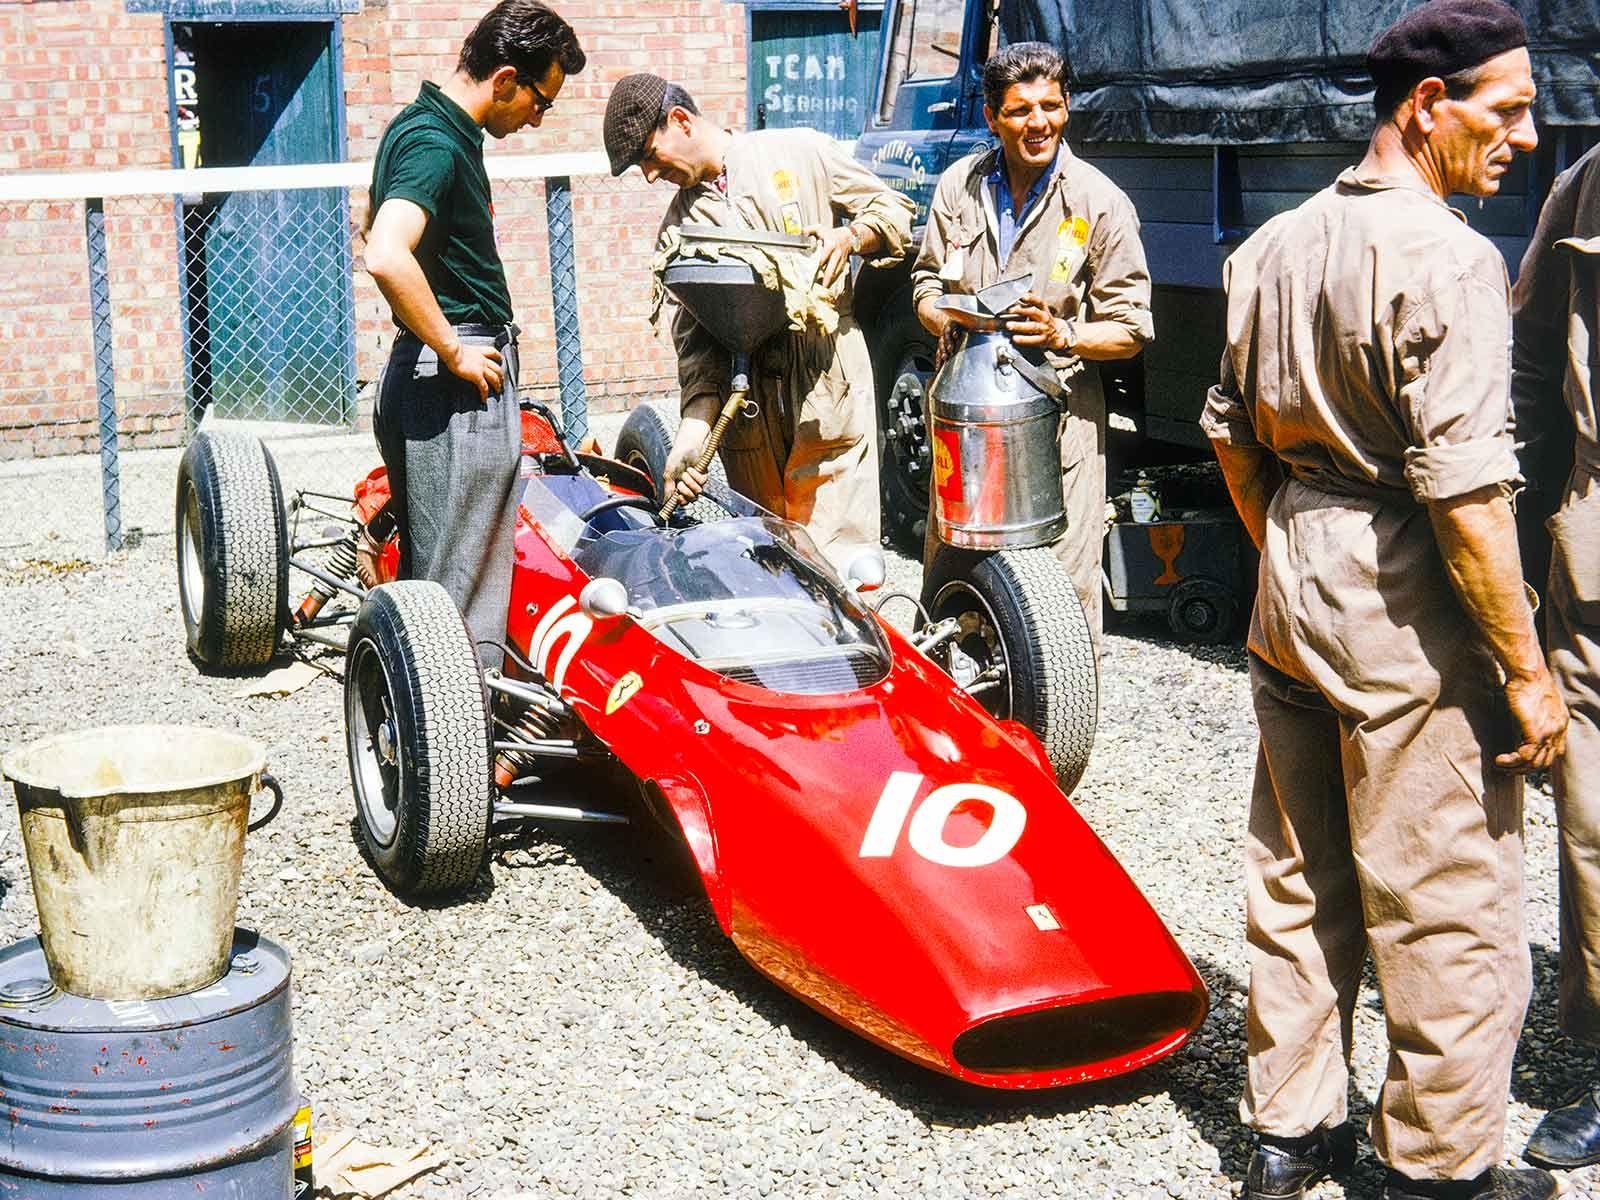 1963 GP Wielkiej Brytanii (John Surtees) Ferrari 156/63